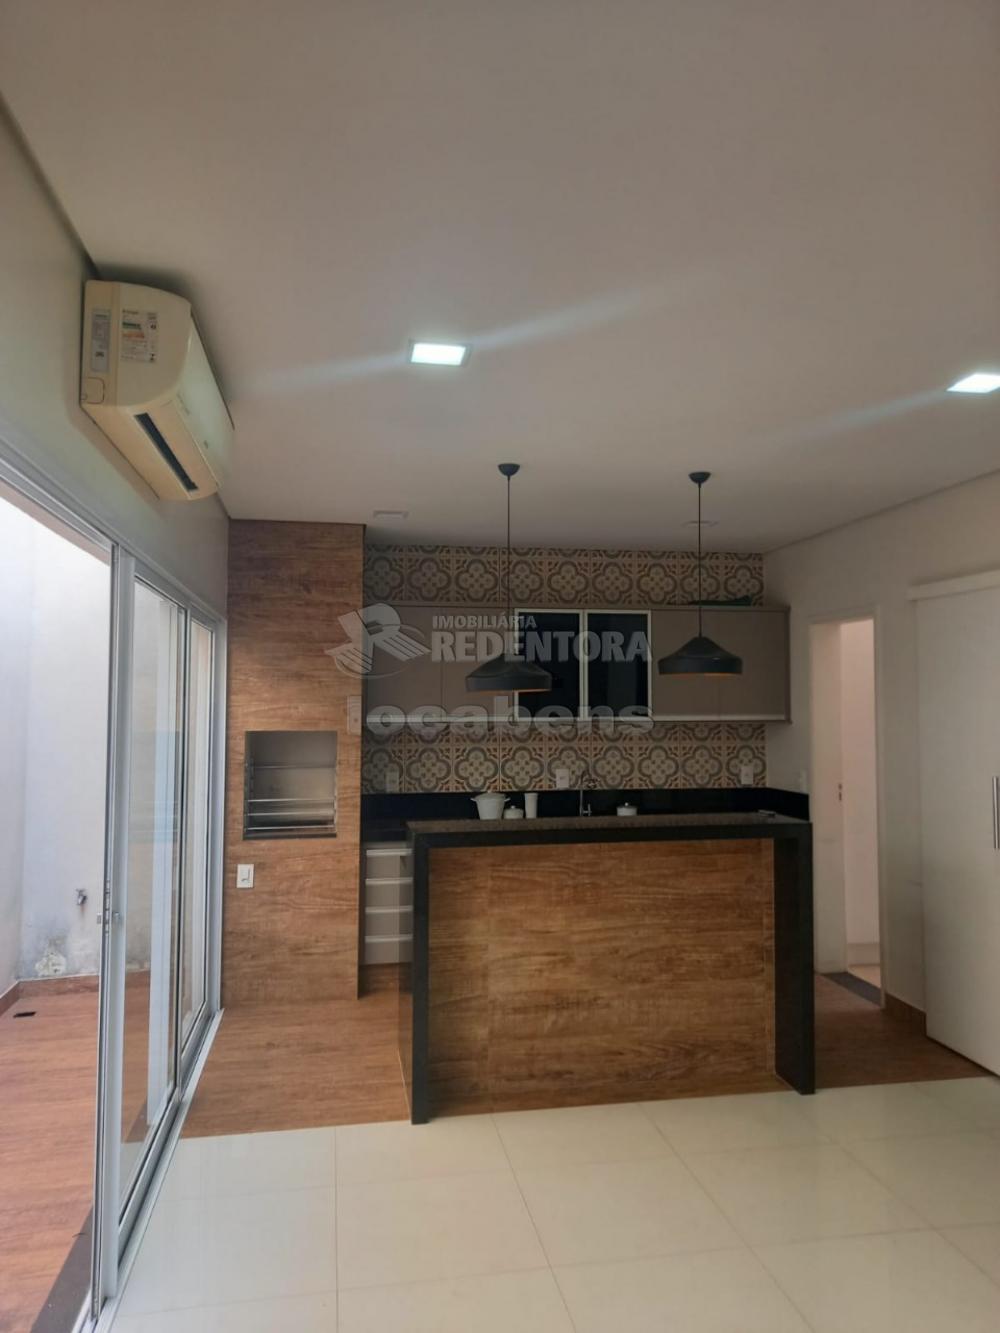 Comprar Casa / Condomínio em São José do Rio Preto R$ 620.000,00 - Foto 3